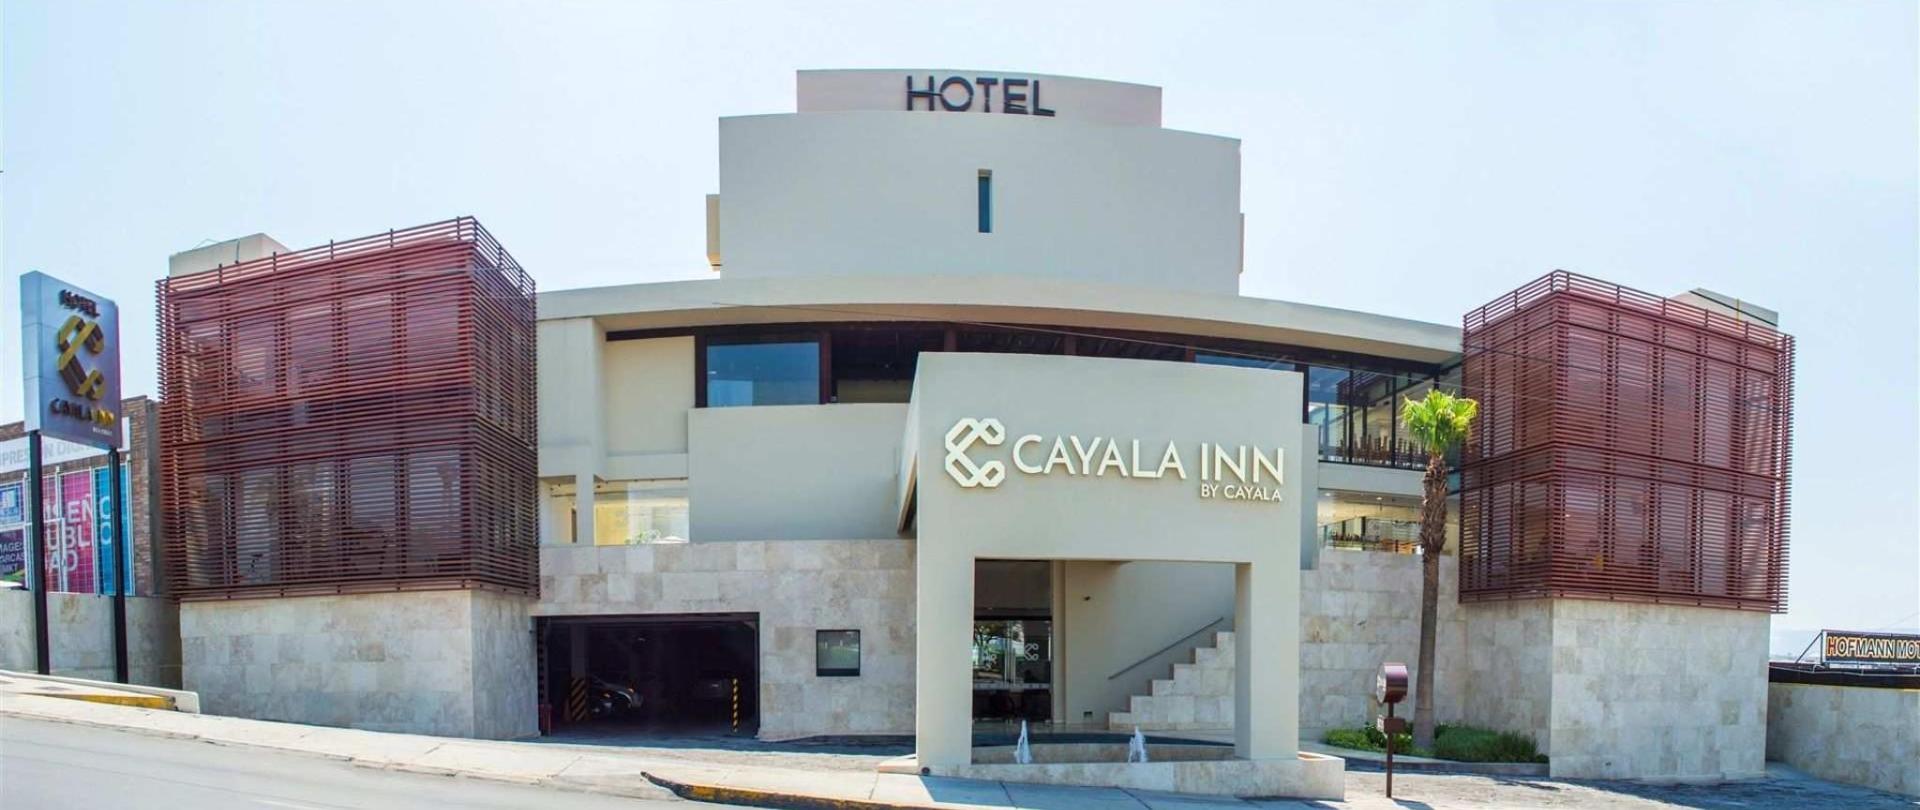 Hotel Cayala Inn